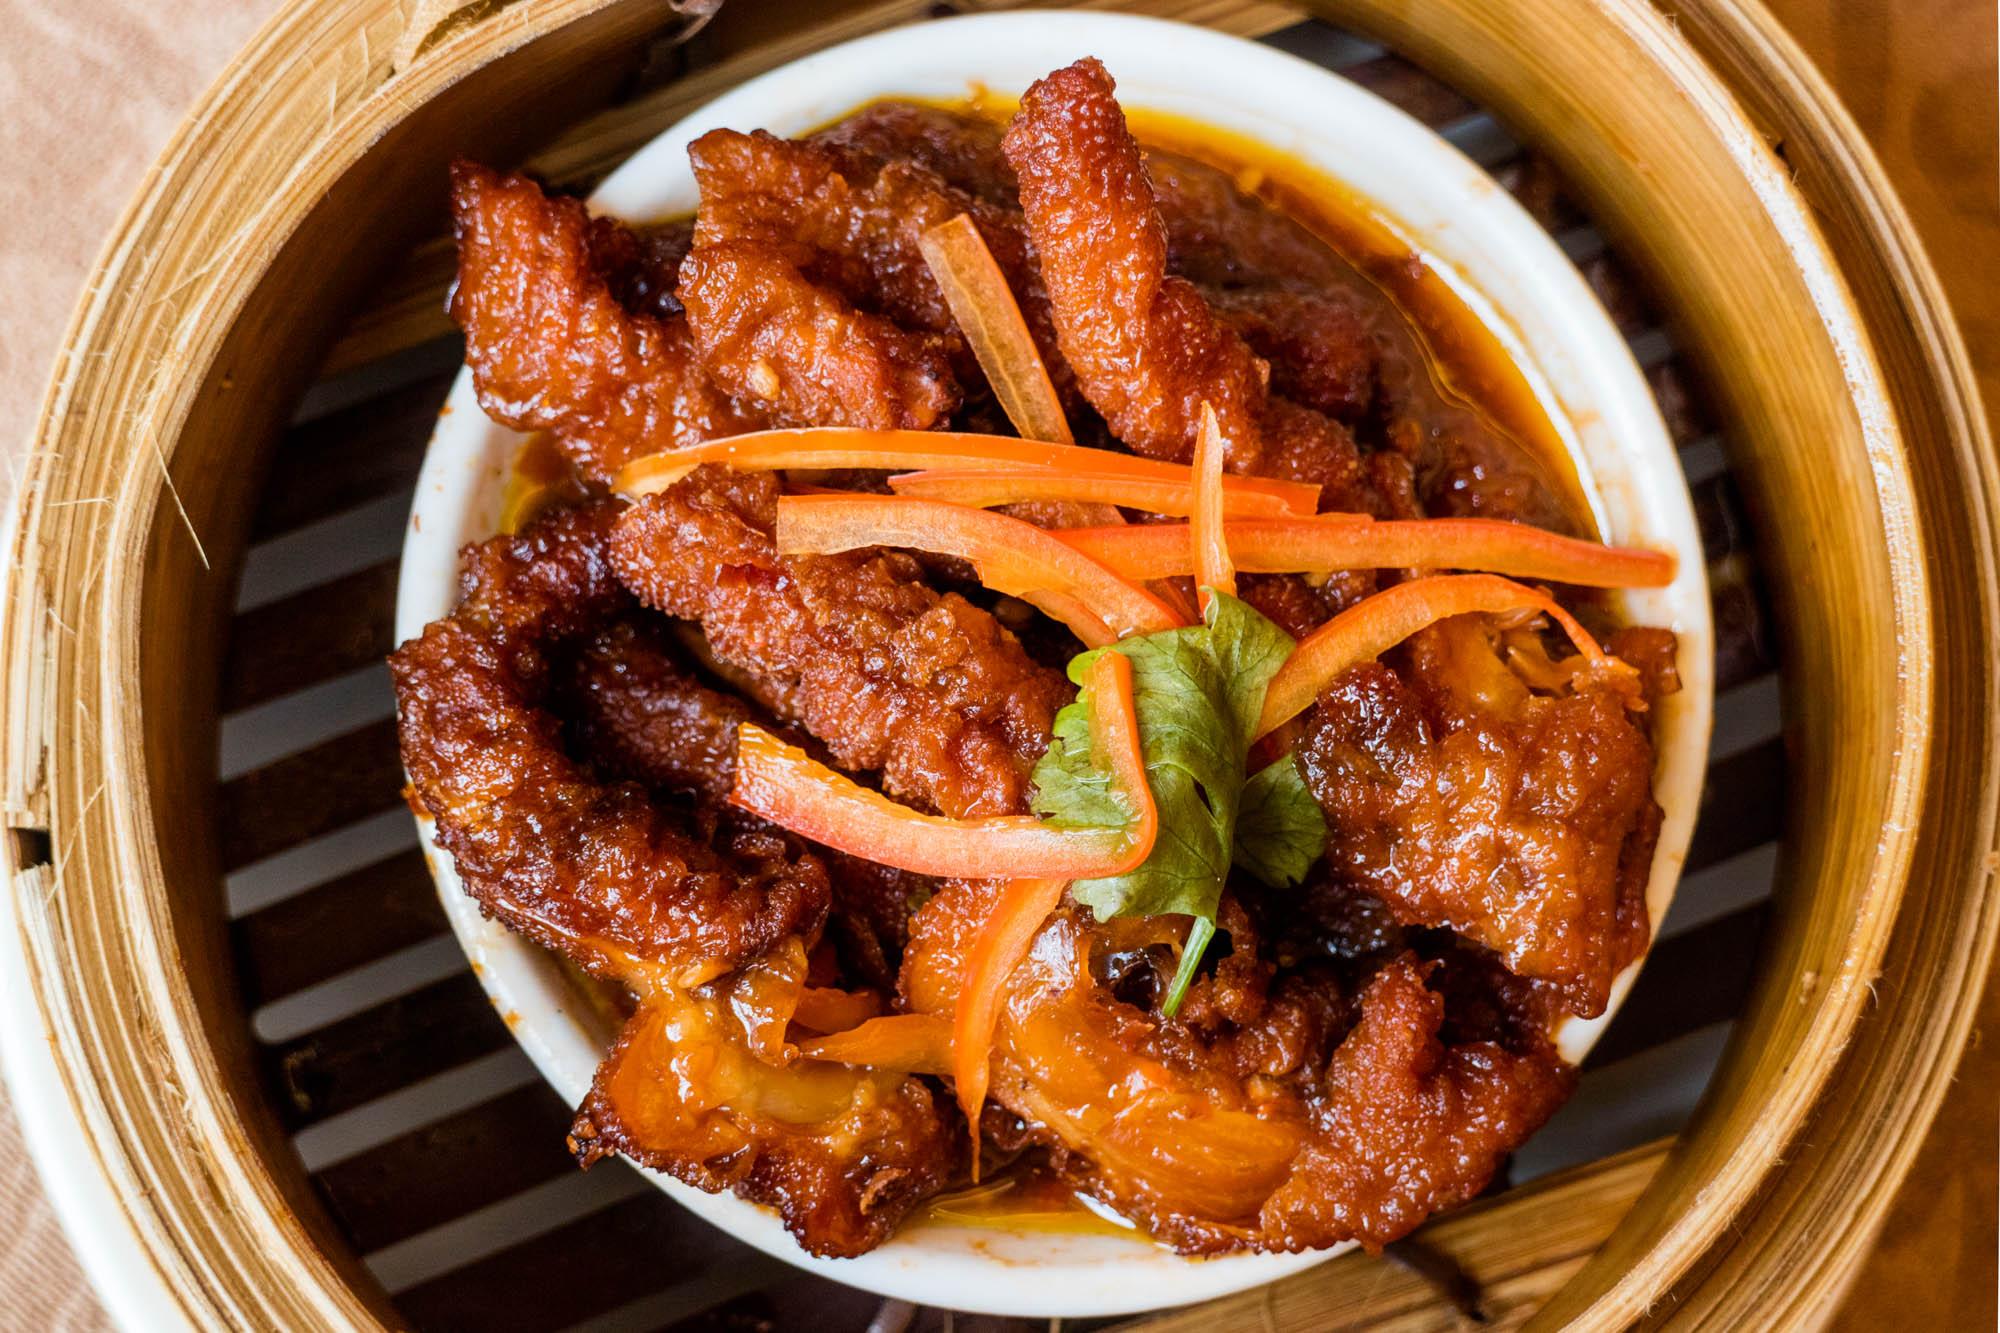 ไก่ซอสพริกเอ็กซ์โอ  ห้องอาหารจีนหยู เห้อ สไตล์ฮ่องกง คุณภาพฮ่องเต้ IMG 0055 1